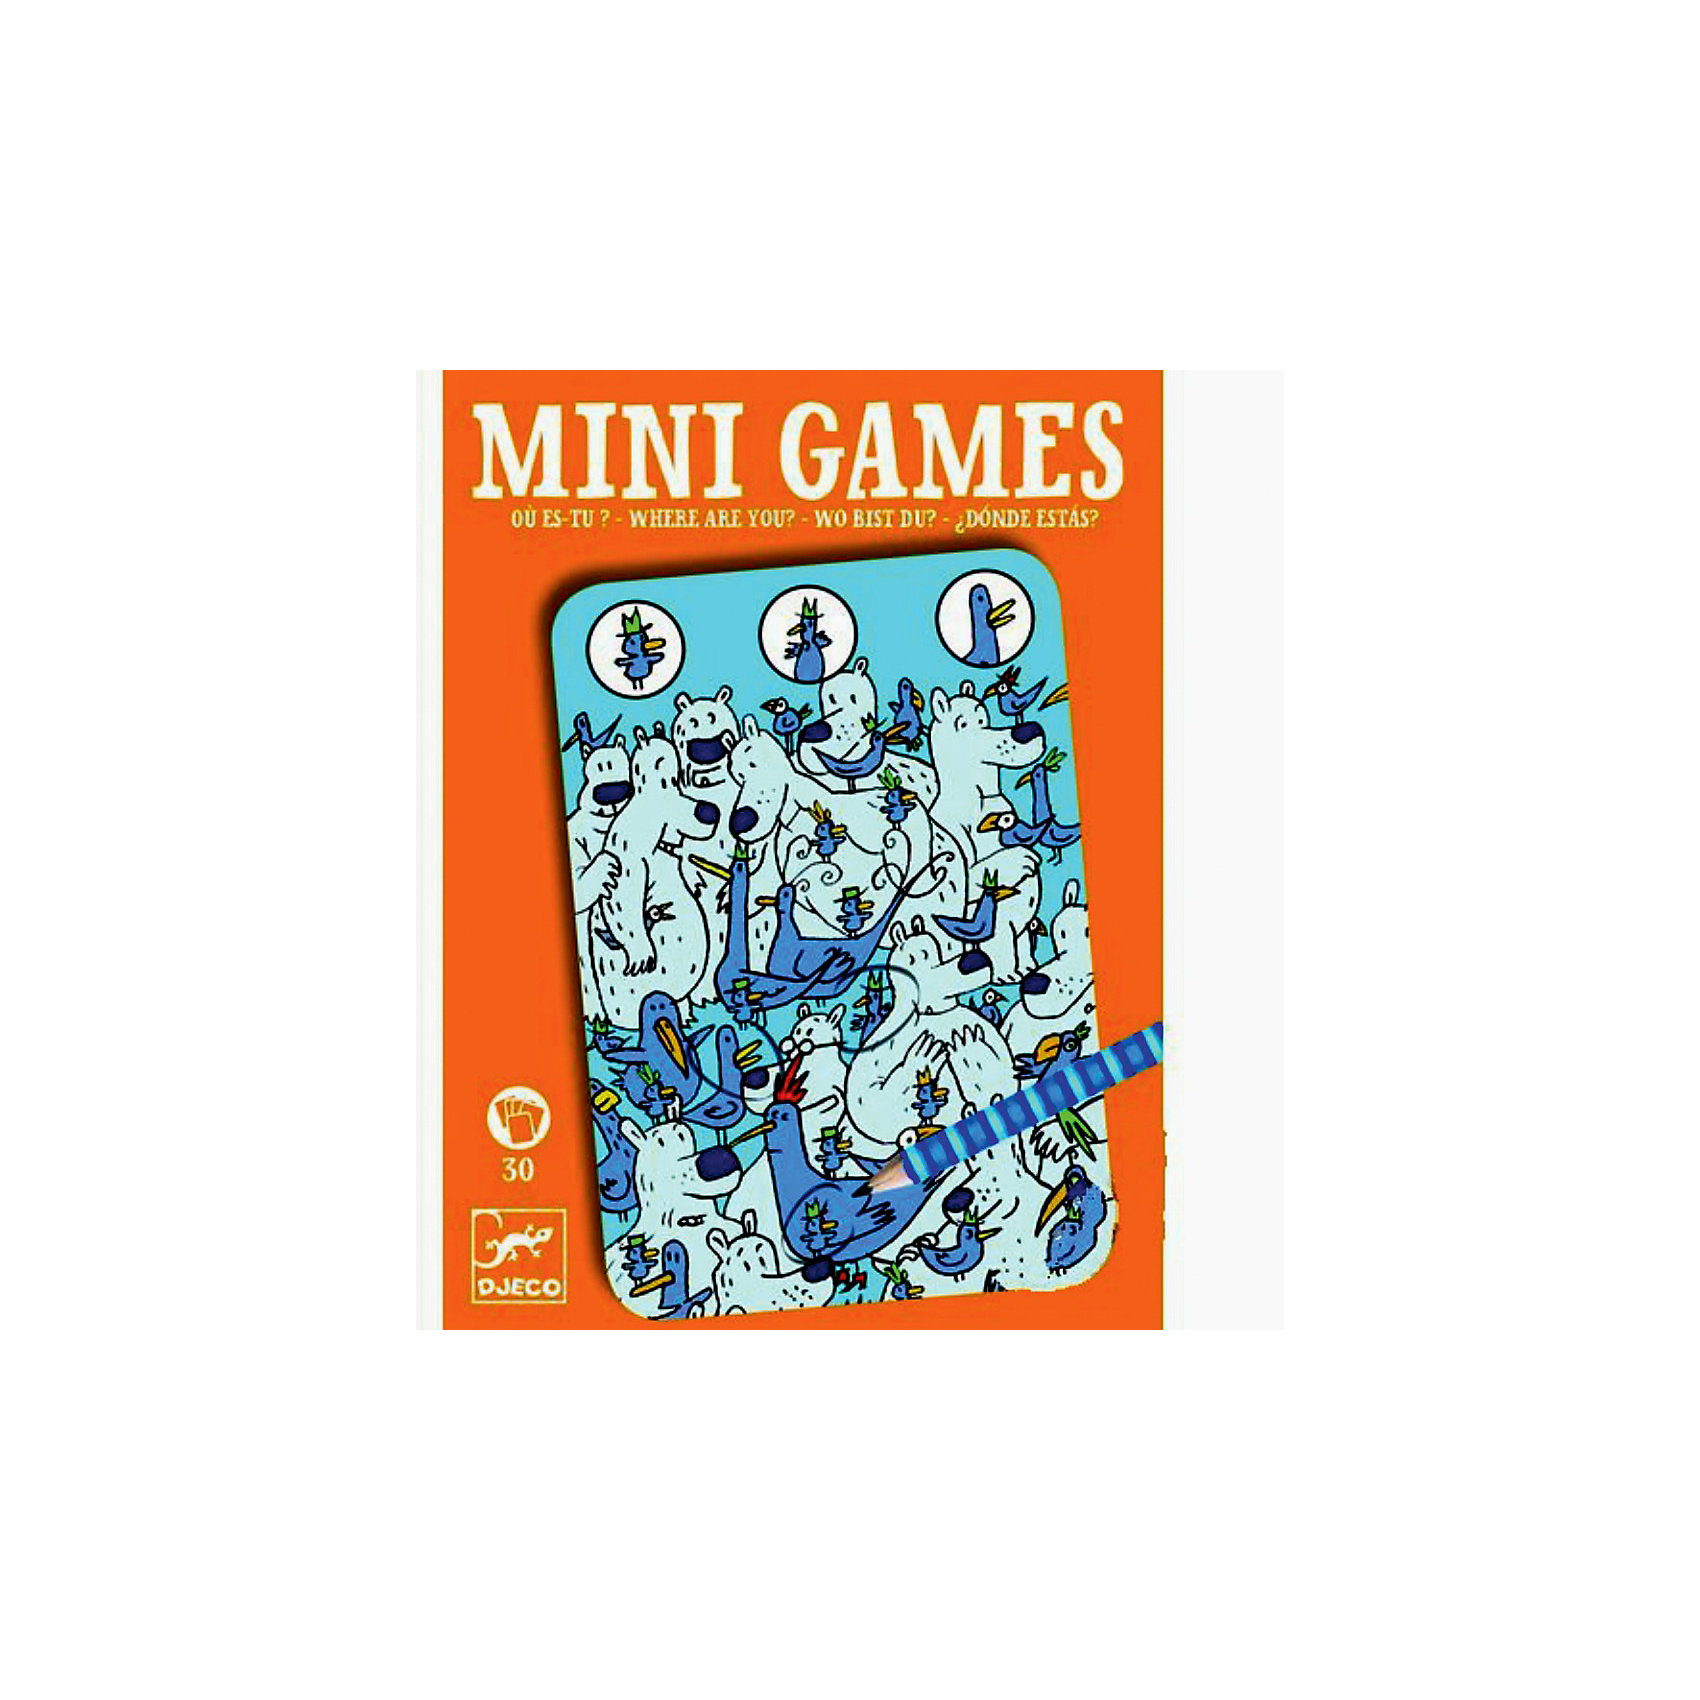 Мини игра Найди цыпленка,  DJECOЗабудьте о скучных путешествиях вместе с замечательной игрой Найди цыпленка от DJECO (Джеко). Теперь в мини формате! Игра очень красивая и компактная, поэтому она идеальный спутник для маленького непоседы. В комплекте 30 игровых карточек на которых нарисованы любимые детьми головоломки. Крохотный цыпленок Пиу-Пиу со своими веселыми друзьями притаился в самых укромных уголках на ярких картинках. Цель игры – найти на карточке цыпленка и других персонажей и обвести их карандашом. Используй воображение, приглядись и обязательно обнаружишь затаившихся героев игры! Игра настолько увлекательная, что ее можно использовать и для целой компании, находя  персонажей на скорость. Очень важно развивать у малыша внимание, усидчивость и логику. А лучше делать все это во время увлекательной игры, которая никогда не надоедает, ведь в наборе карточки с занимательными сюжетами!<br><br>Дополнительная информация: <br><br>- В наборе: 30 игровых карточек, карандаш;<br>- Удобно брать в путешествия;<br>- Можно играть одному или с компанией ;<br>- Отличный подарок;<br>- Понравится и взрослым и детям;<br>- Игра  продается в красивой картонной коробке;<br>- Размер упаковки: 11 х 15 х 2 см;<br>- Вес: 250 г<br><br>Мини игру  Найди цыпленка,  DJECO (Джеко) можно купить в нашем интернет-магазине.<br><br>Ширина мм: 110<br>Глубина мм: 150<br>Высота мм: 13<br>Вес г: 170<br>Возраст от месяцев: 72<br>Возраст до месяцев: 144<br>Пол: Унисекс<br>Возраст: Детский<br>SKU: 3778415